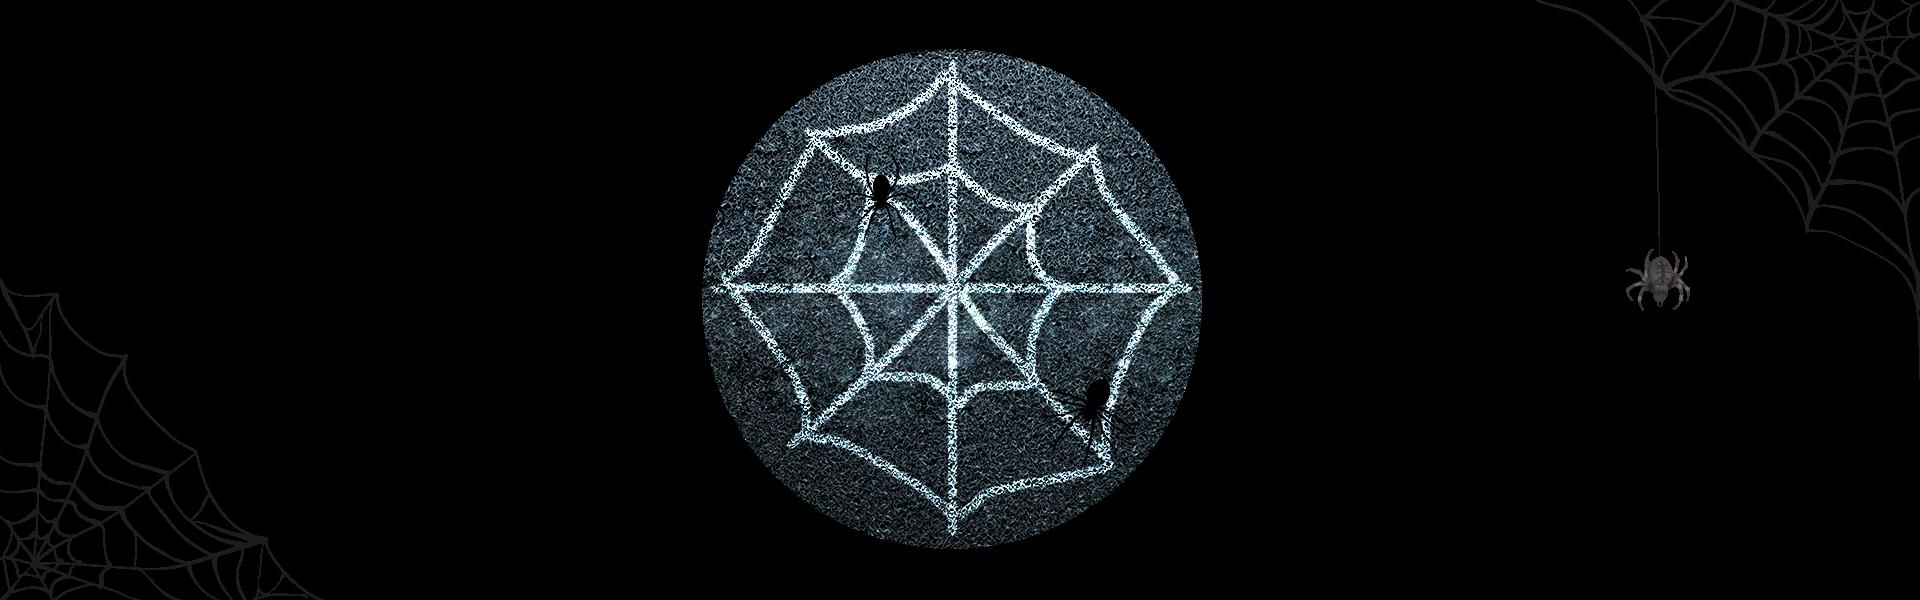 spider mat